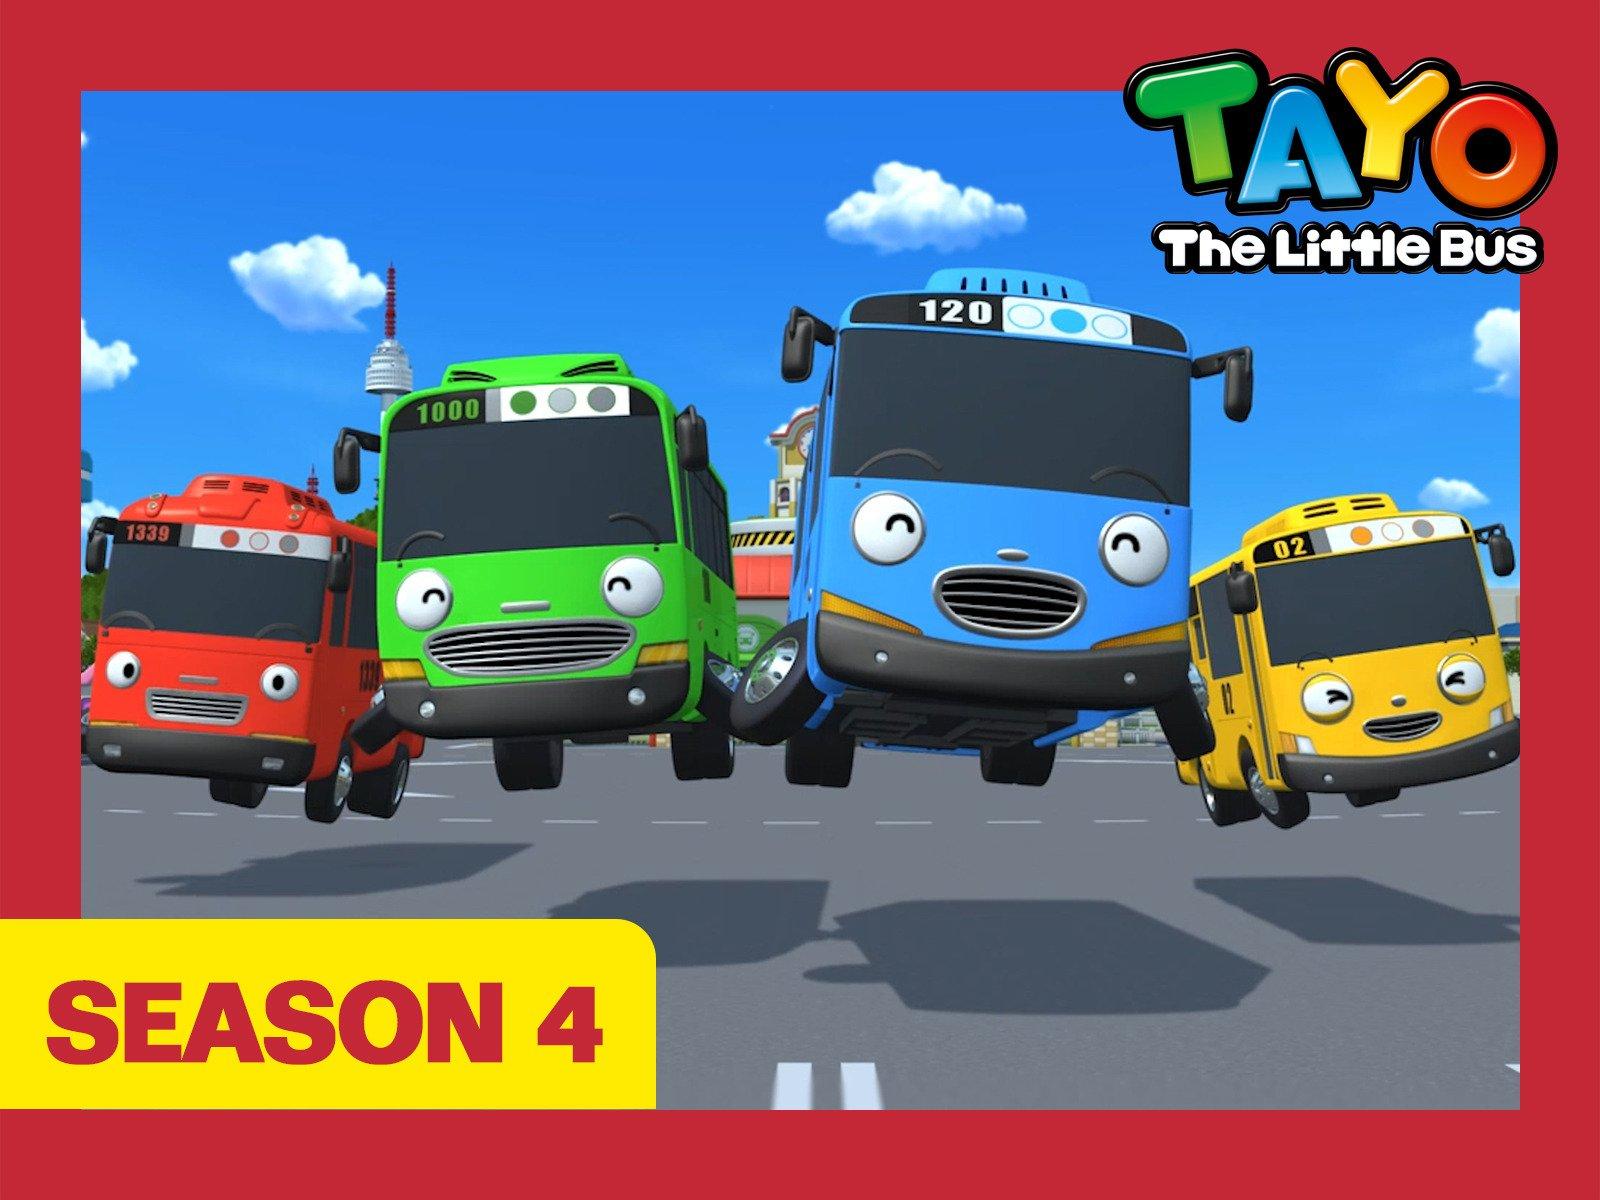 Tayo the Little Bus - Season 4